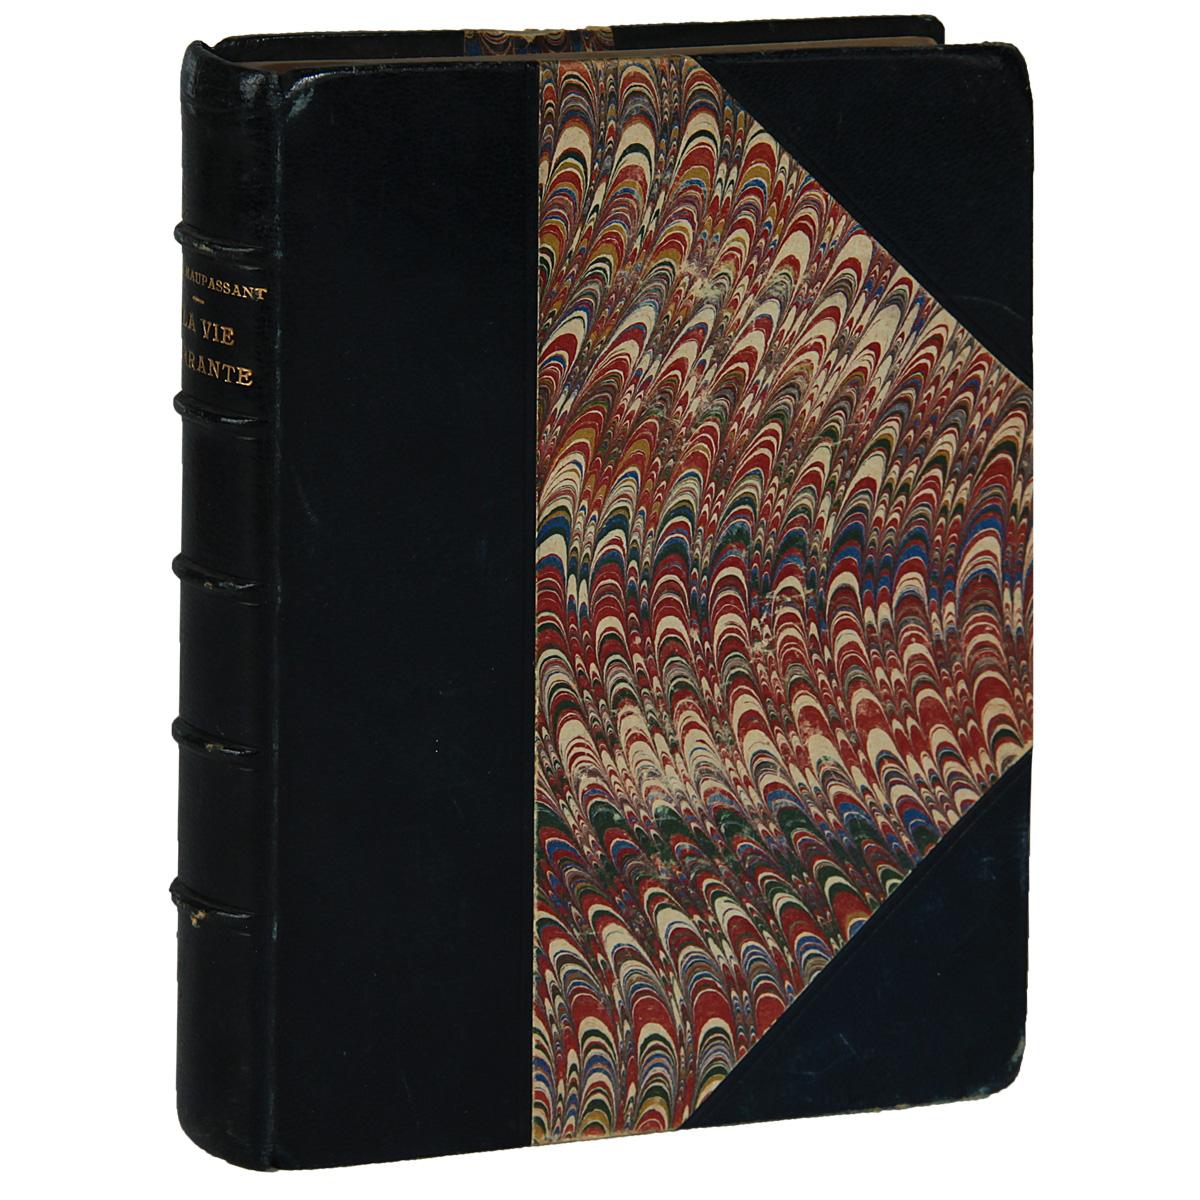 Бродячая жизньART-1170303Париж, 1903 год, Societe DEditions Litteraires et Artistiques. Иллюстрированное издание на французском языке. Владельческий переплет. Сохранность хорошая. В Бродячей жизни любимые краски Мопассана - синяя, белая, черная. Его описания - это и Делакруа и Матисс одновременно. Ухо у него чуткое. Правда, он более чувствителен к ритму и шуму, нежели к мелодии. У него отлично развитое обоняние - настоящий нюх сеттера. Вкус и осязание также весьма развиты. Воистину он богато одарен от природы силой восприятия. Так что, отправившись по его стопам в Италию, на Сицилию, в Марокко или Тунис, мы окажемся также переполнены впечатлениями, как и он. Издание не подлежит вывозу за пределы Российской Федерации.